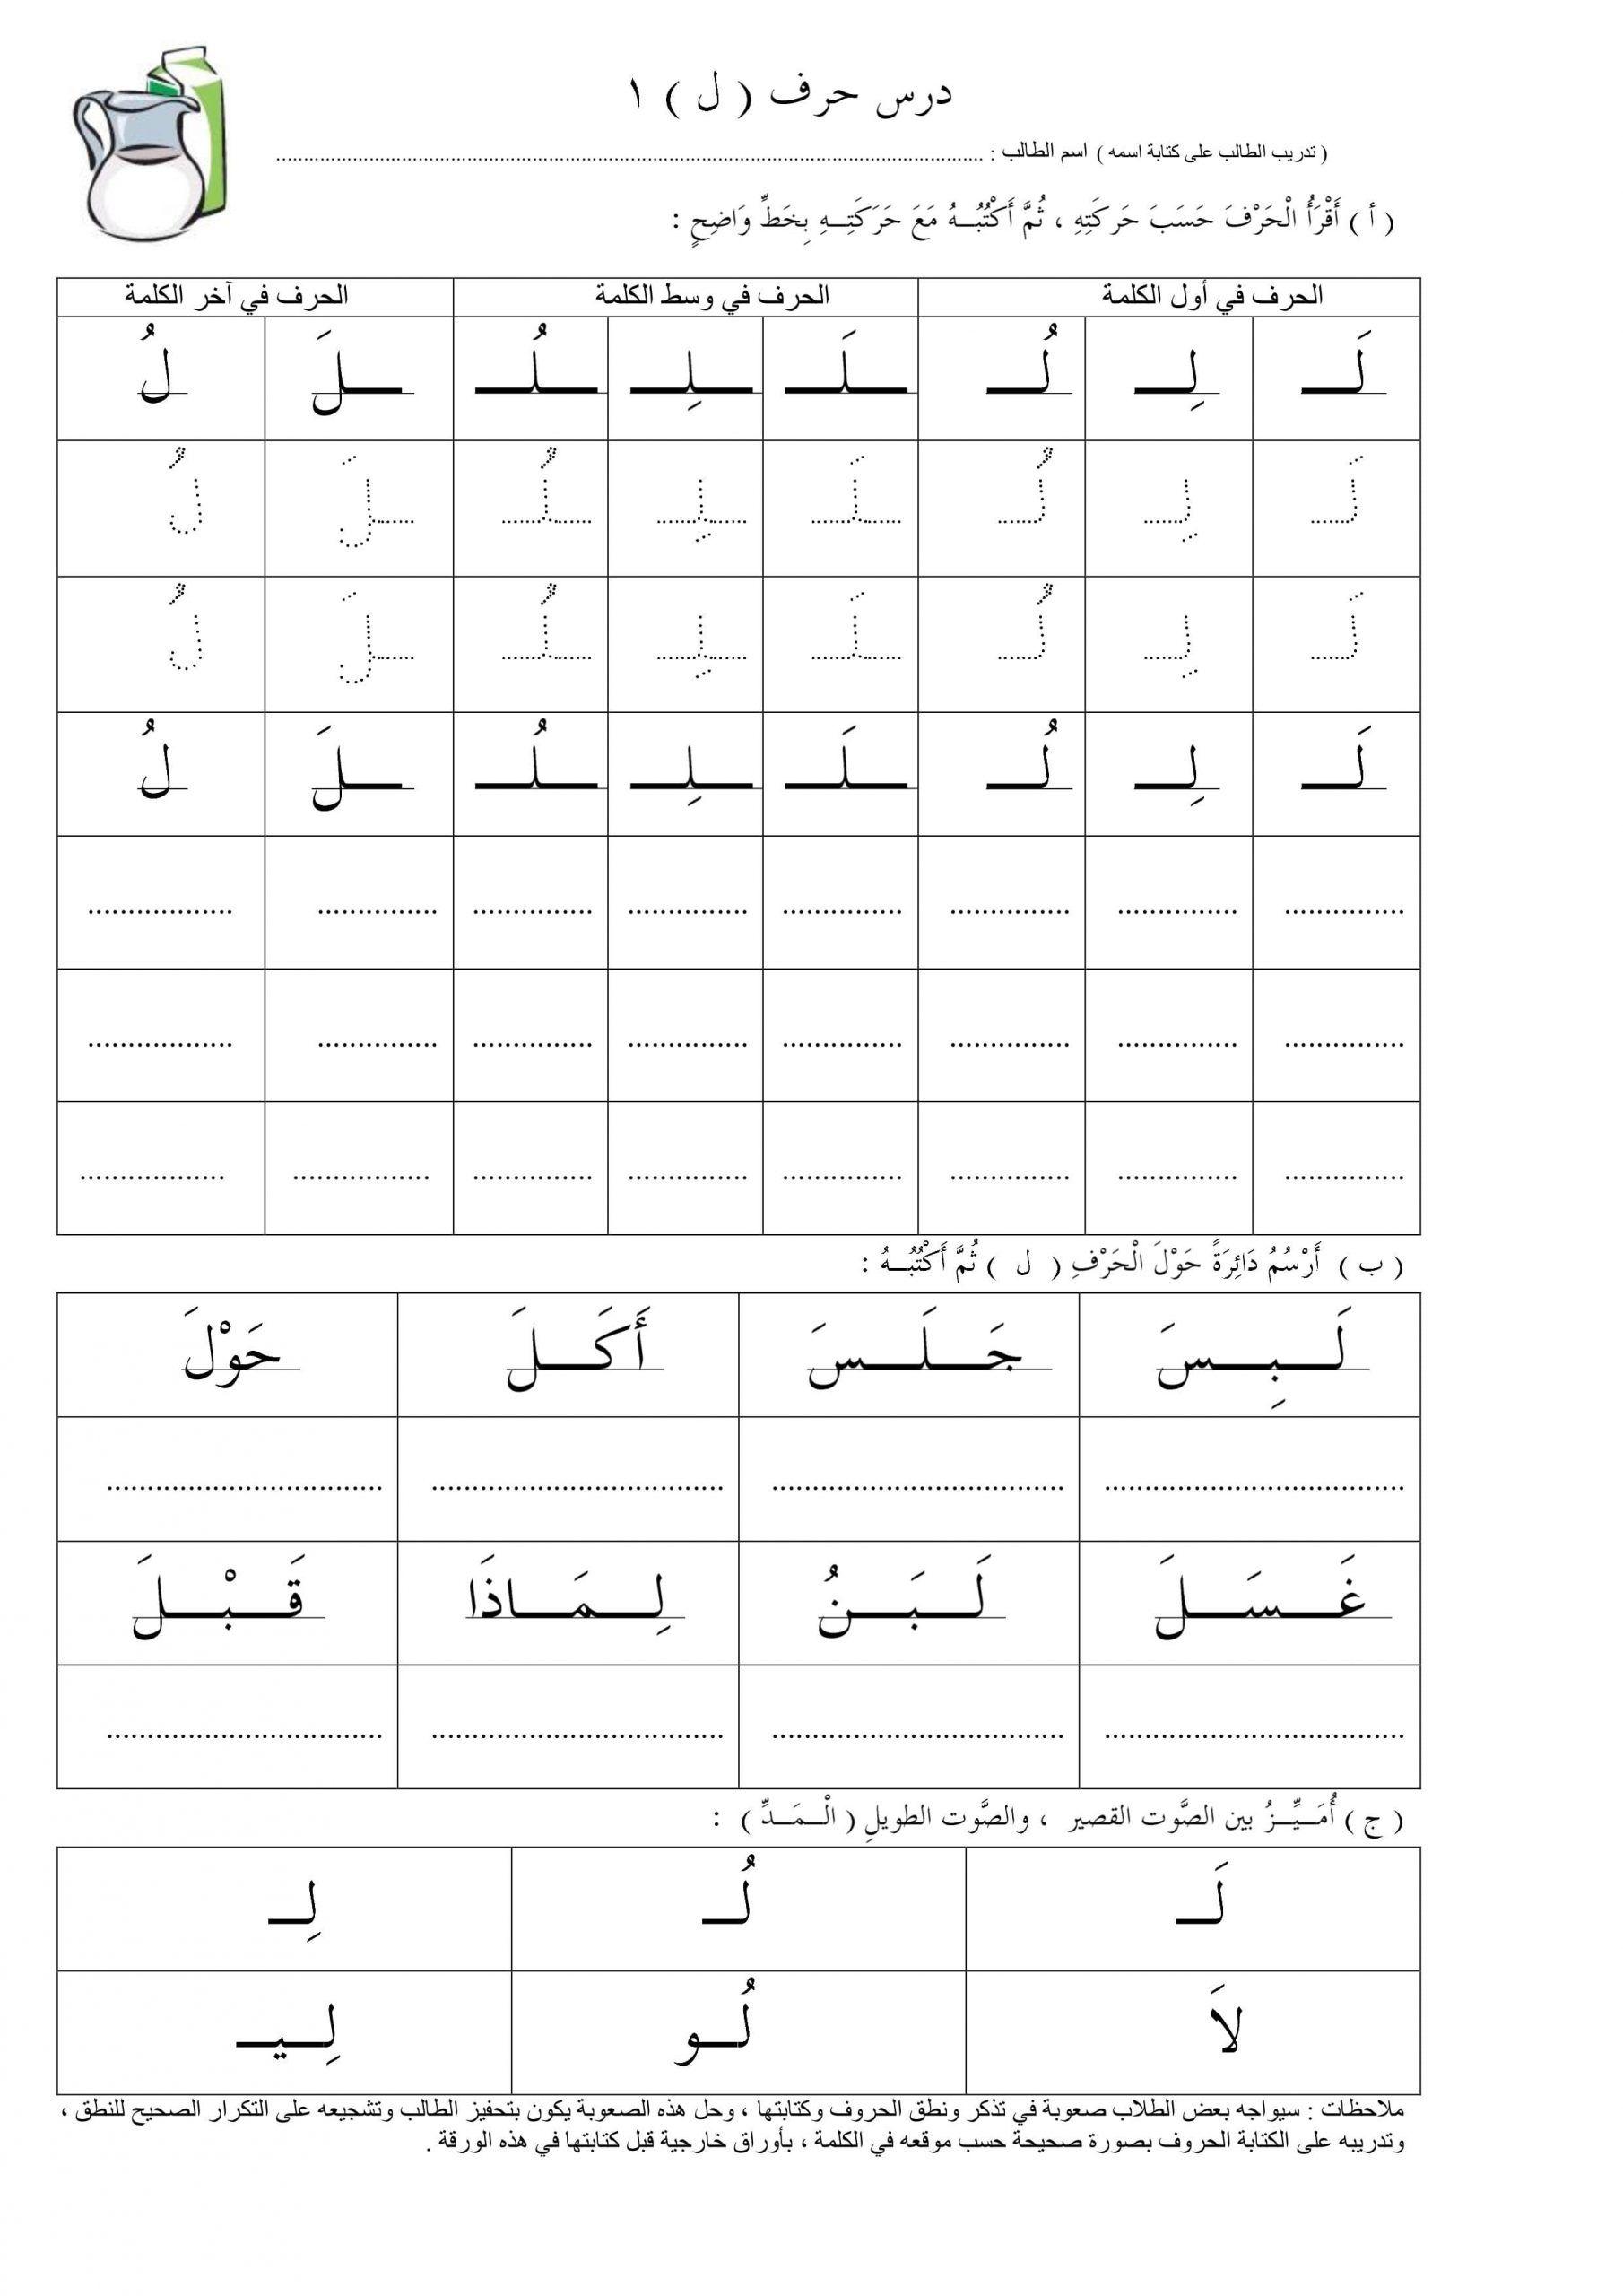 ورقة عمل لحرف اللام متنوعة لتعليم الاطفال الكتابة الحرف Words Word Search Puzzle